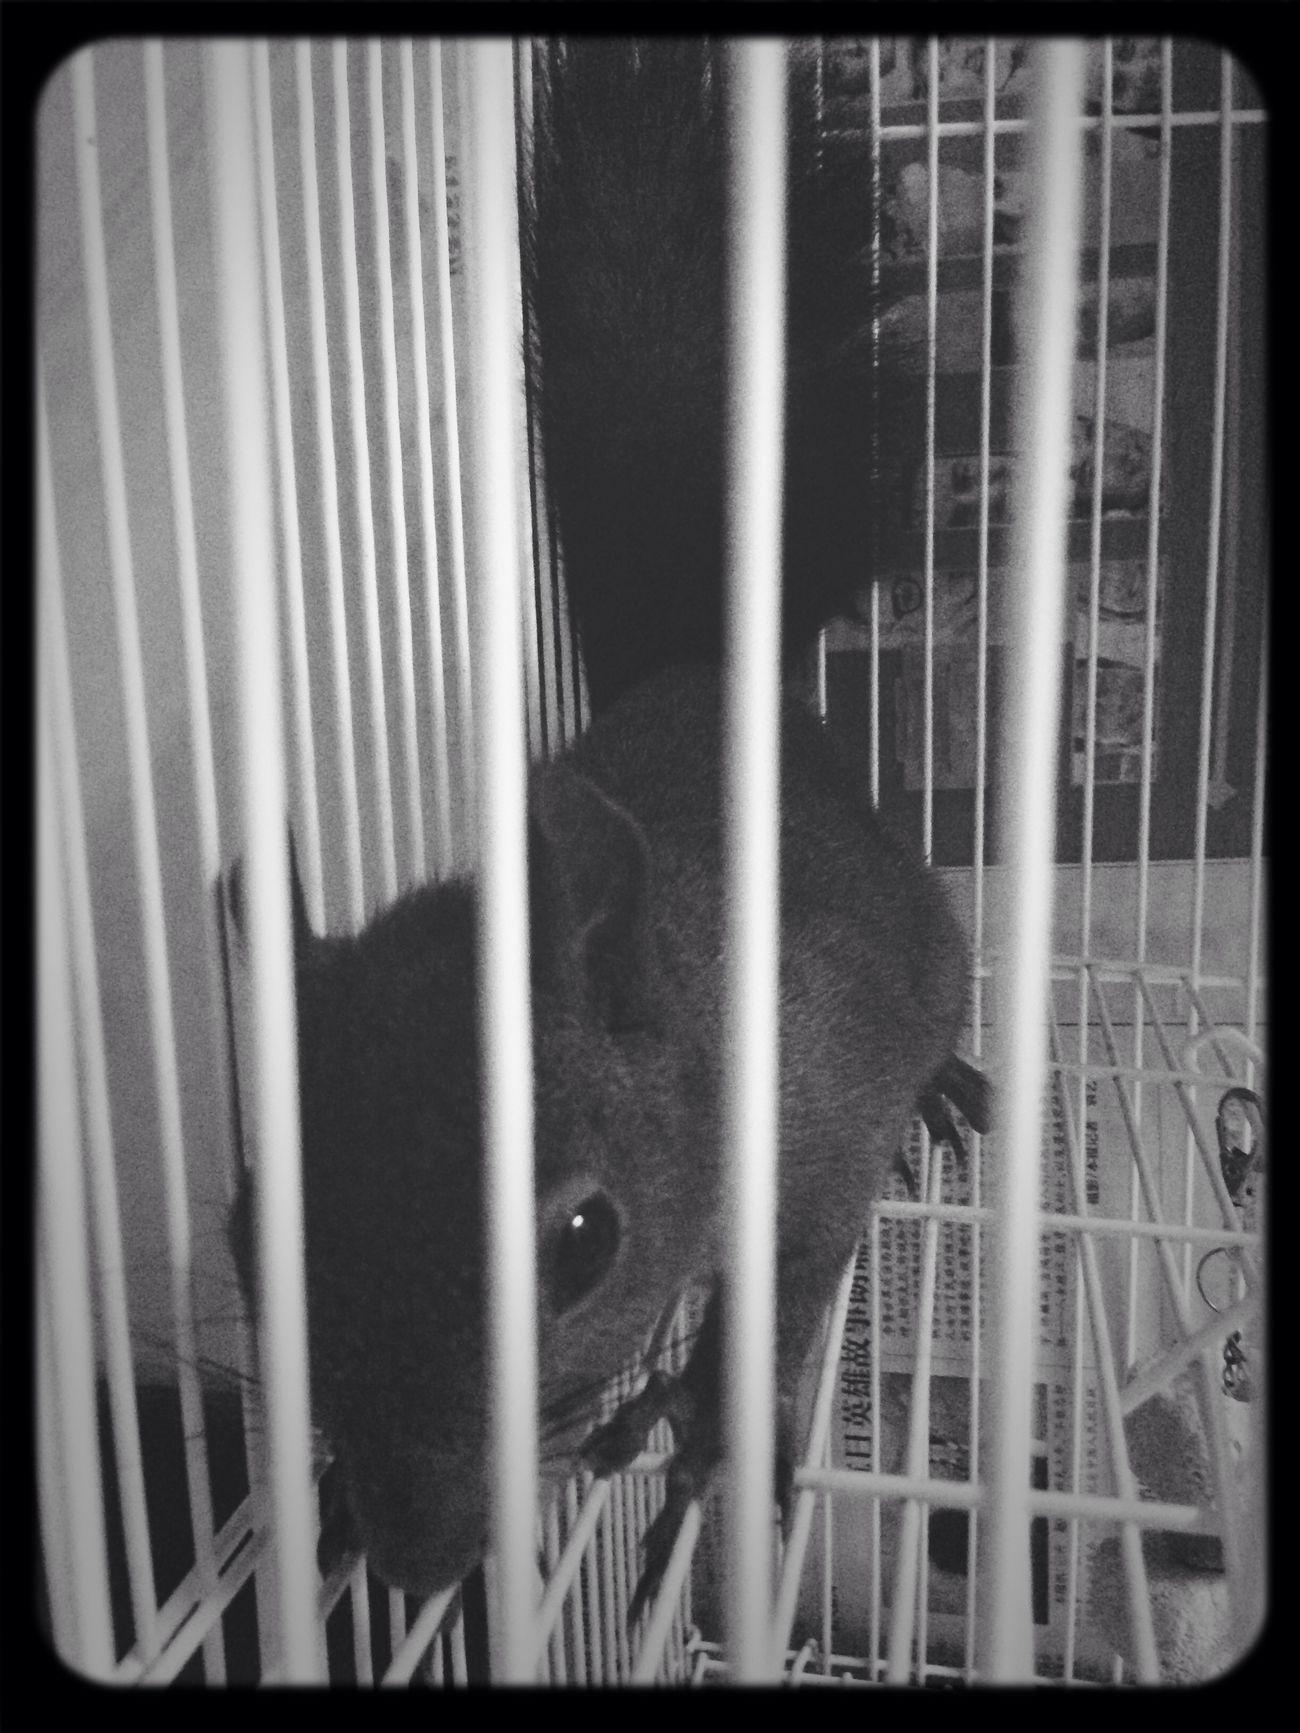 闹闹,安静的时候 魔王松鼠